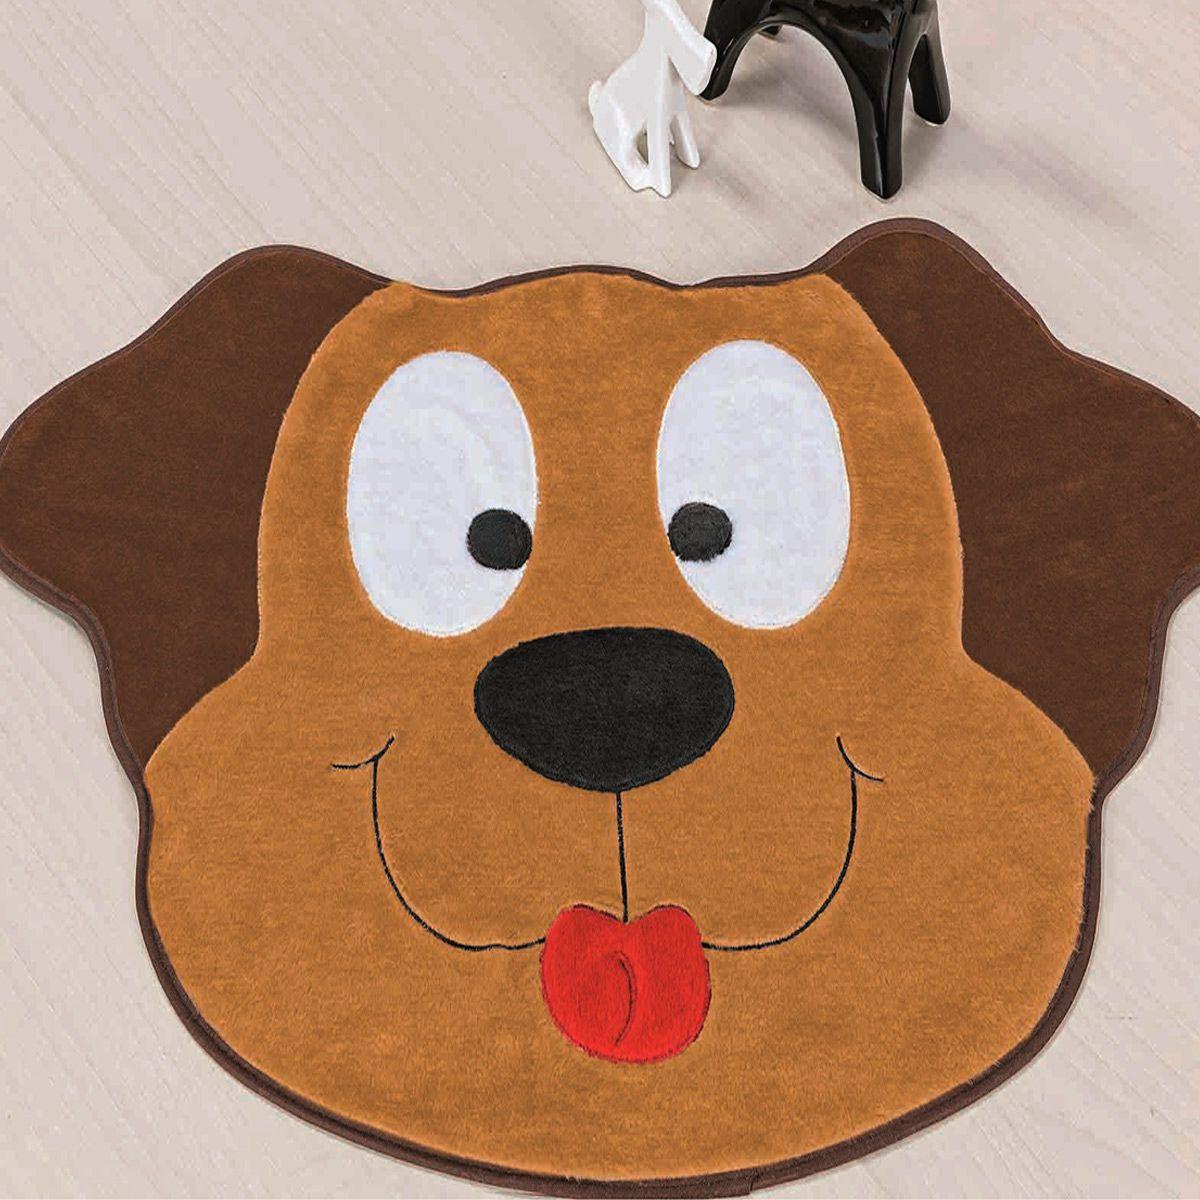 Tapete Infantil Premium Formato Cachorro Feliz Caramelo 78cm x 55cm